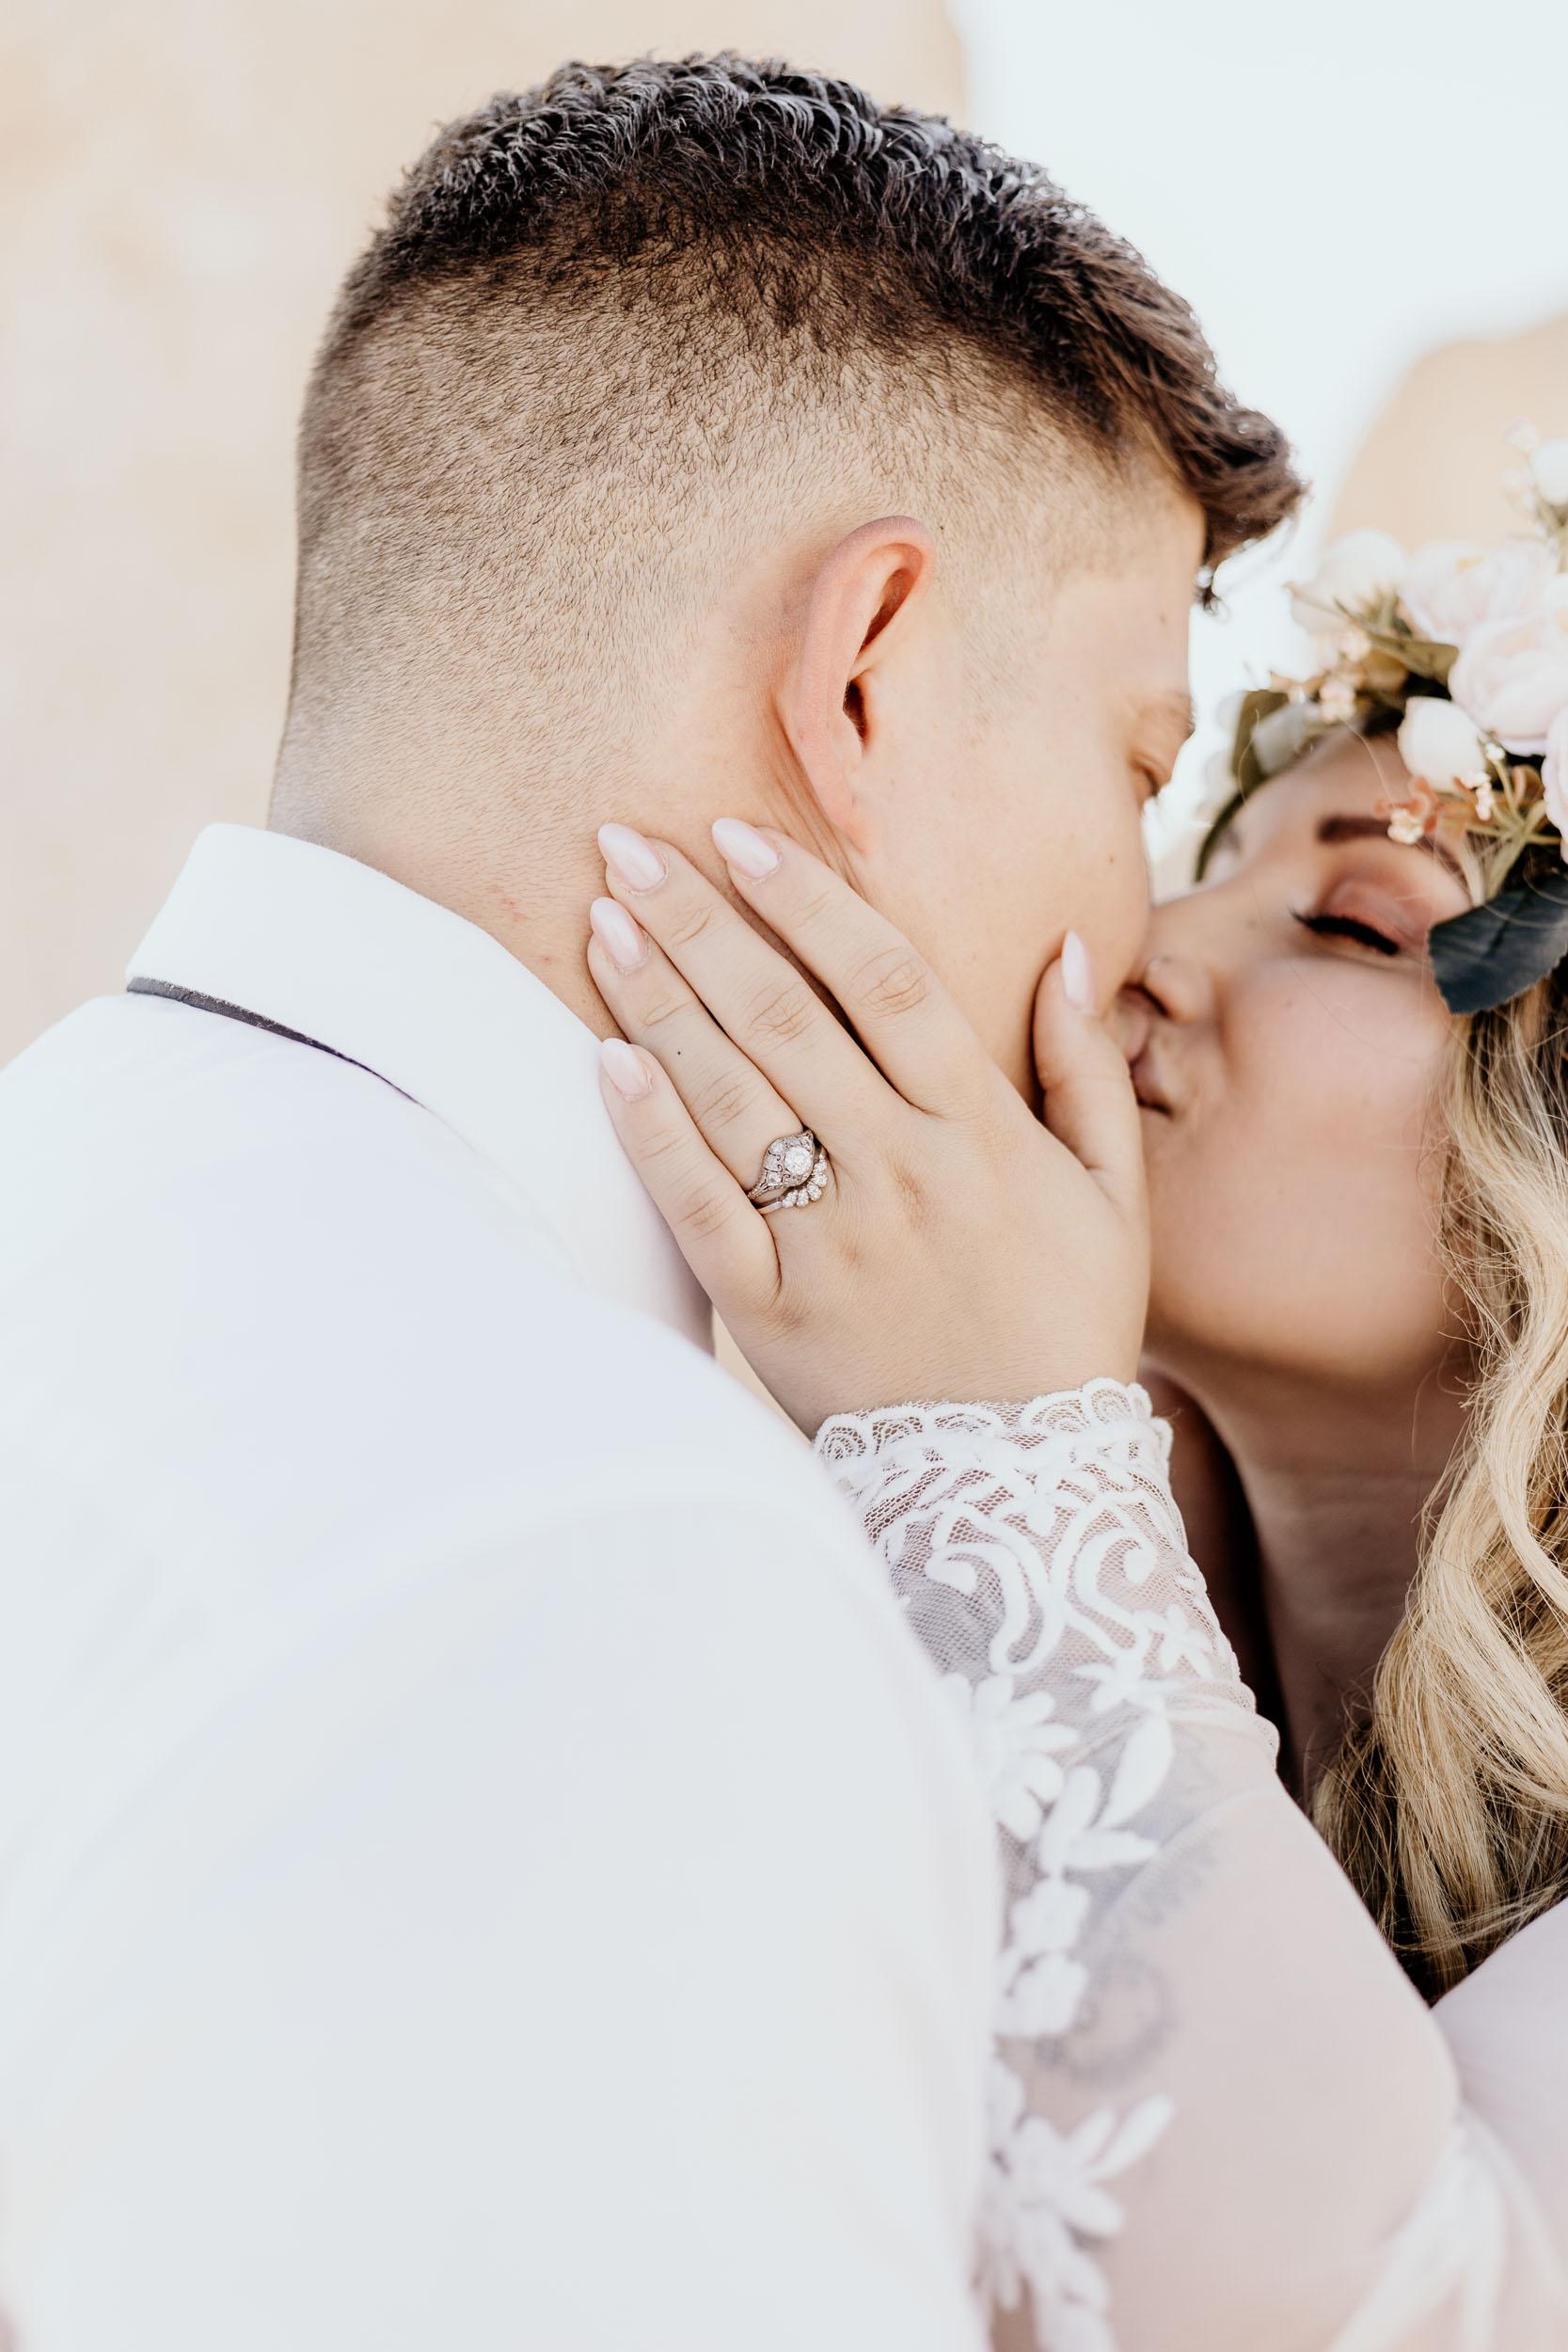 intimate-wedding-elopement-photographer-ottawa-joshua-tree-0604.jpg